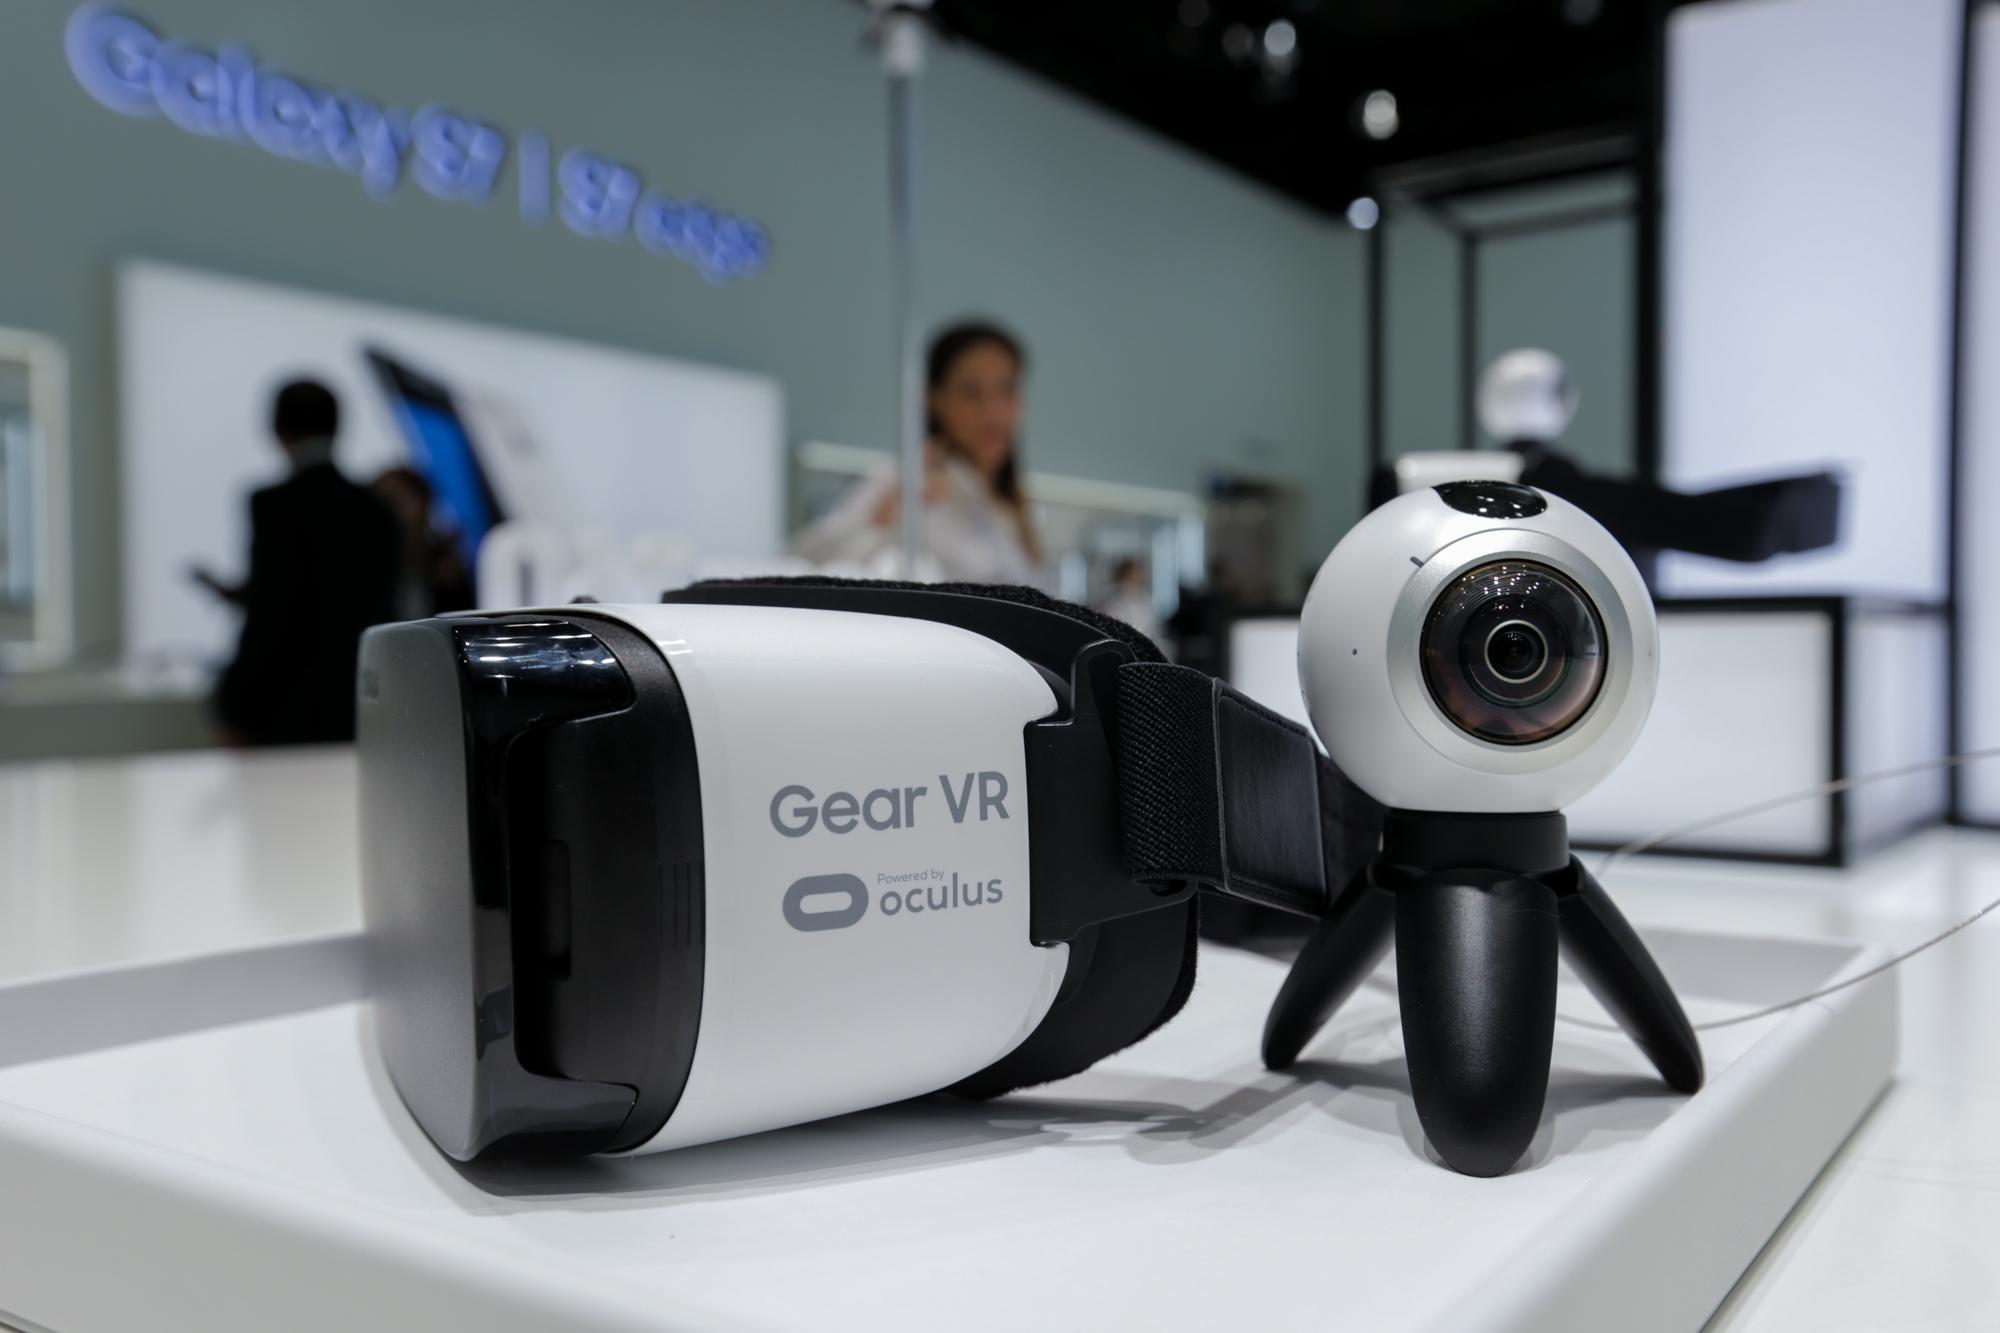 Samsung travaille sur un casque de réalité virtuelle autonome et sans fil